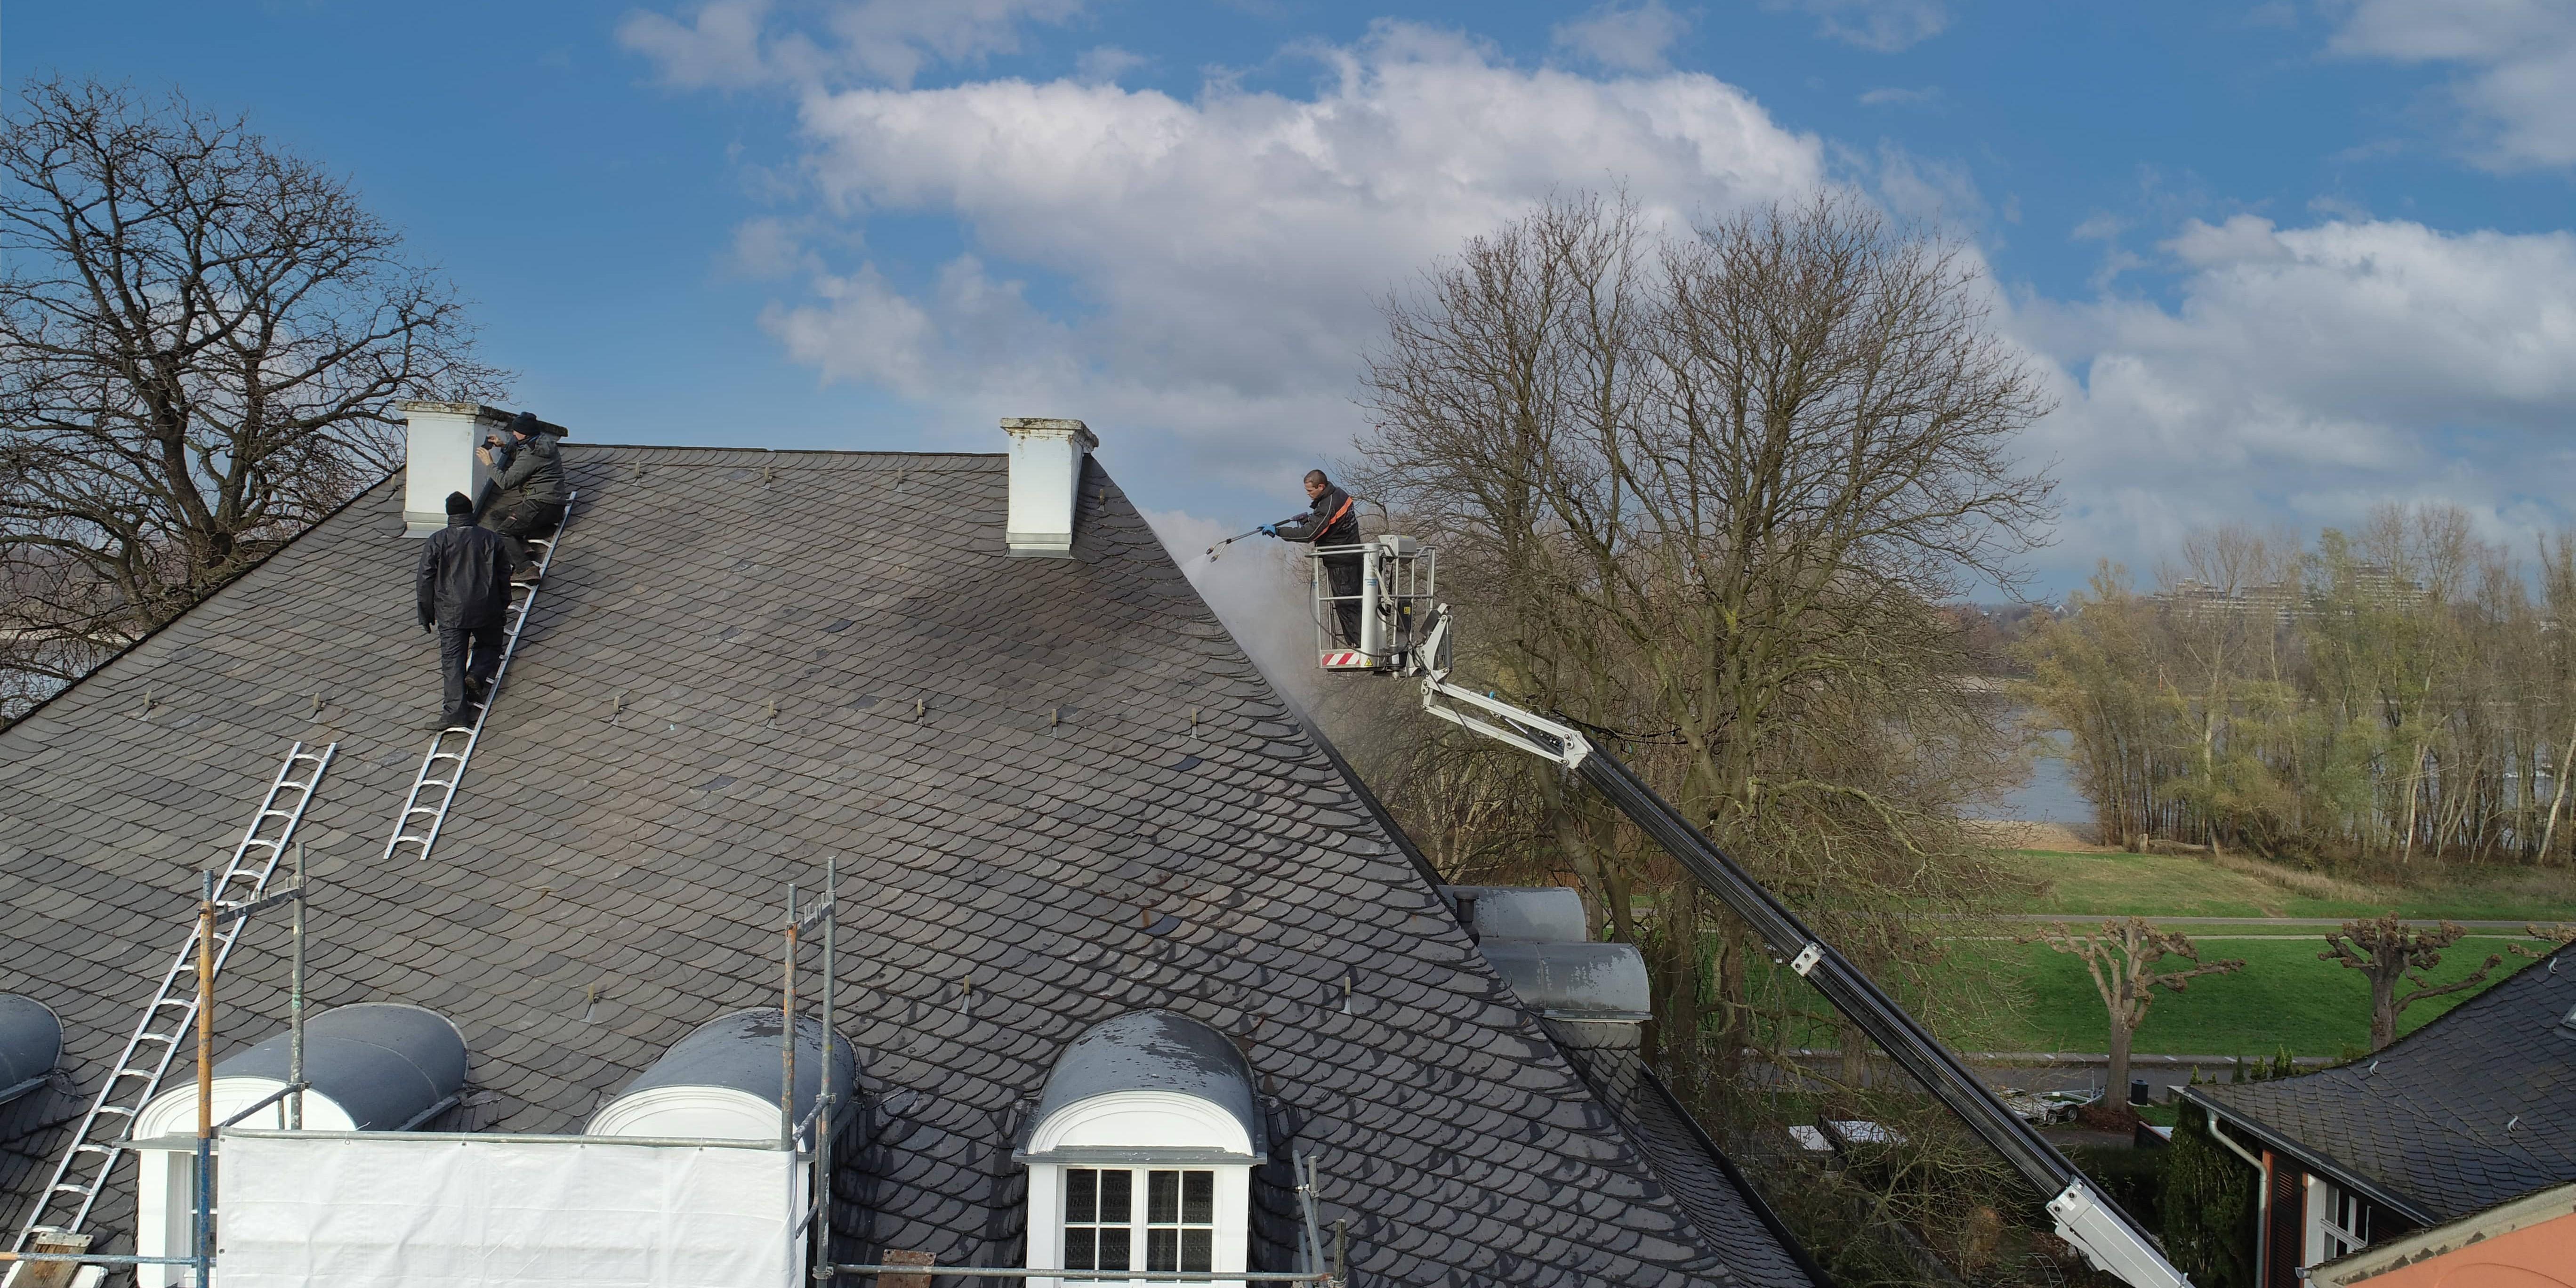 Das Bild zeigt drei Dacharbeiter, die ein Schieferdach reinigen.